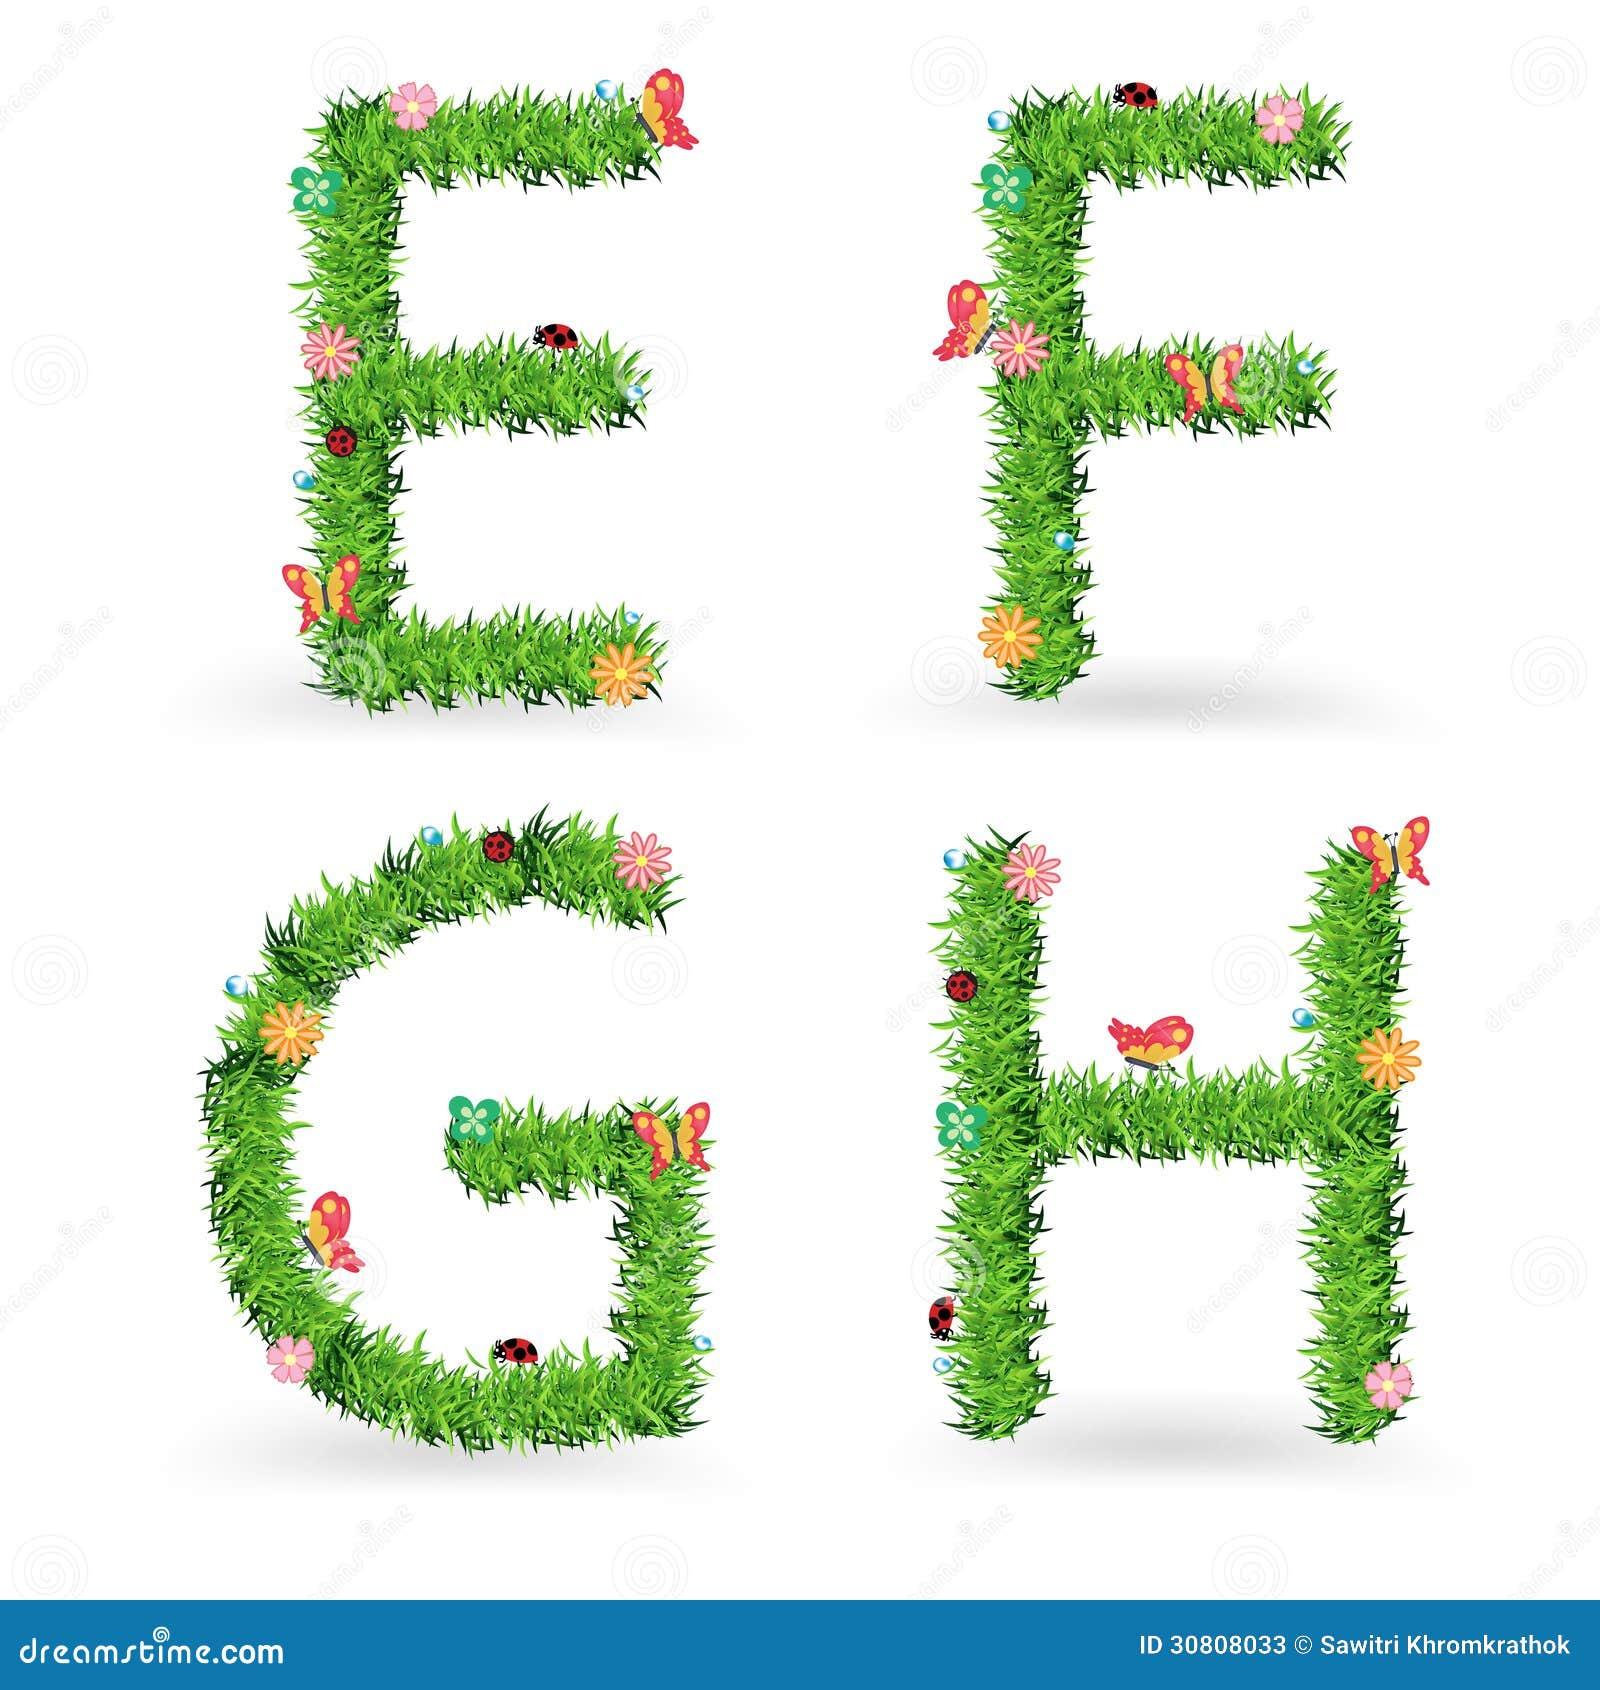 Vector Grass Font Creative Ecological Concept Stock Photos Image 30808033